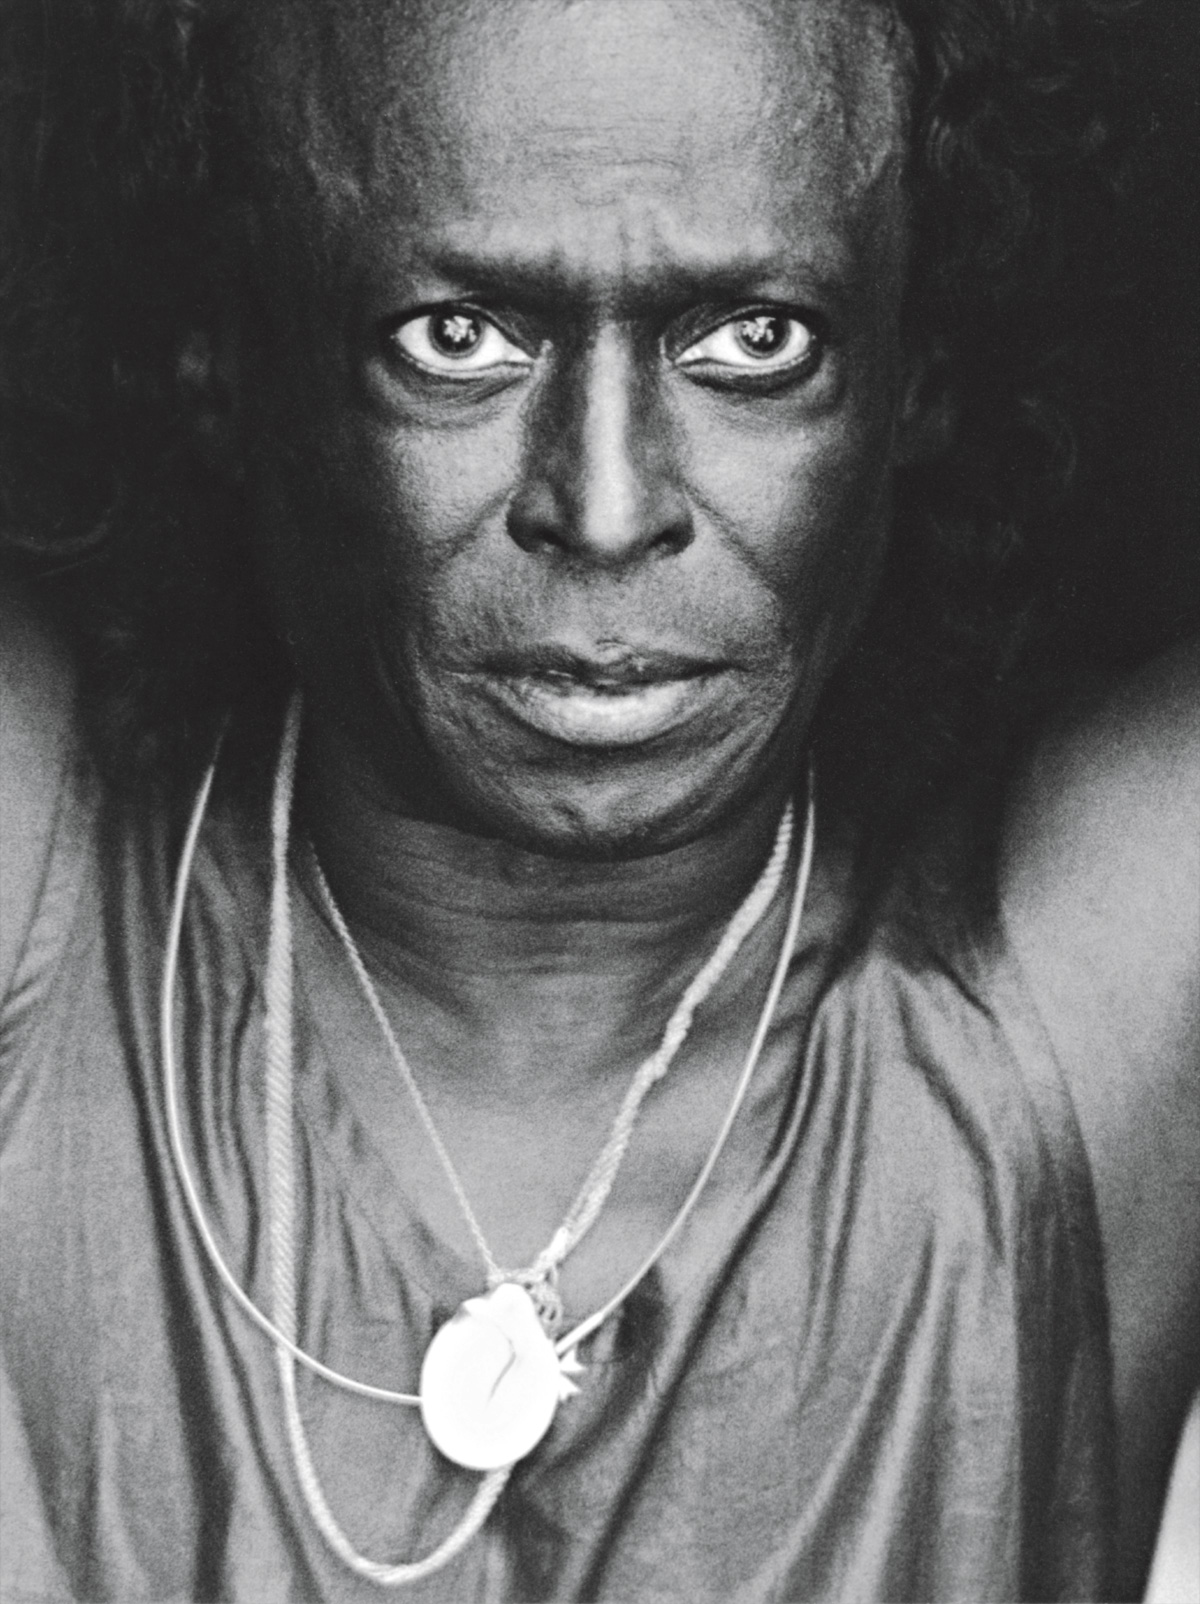 Miles Davis forçou os limites do jazz até o ponto em que o próprio gênero parecia ter se tornado outra coisa. Foi maior do que Louis Armstrong, Duke Ellington ou Charlie Parker